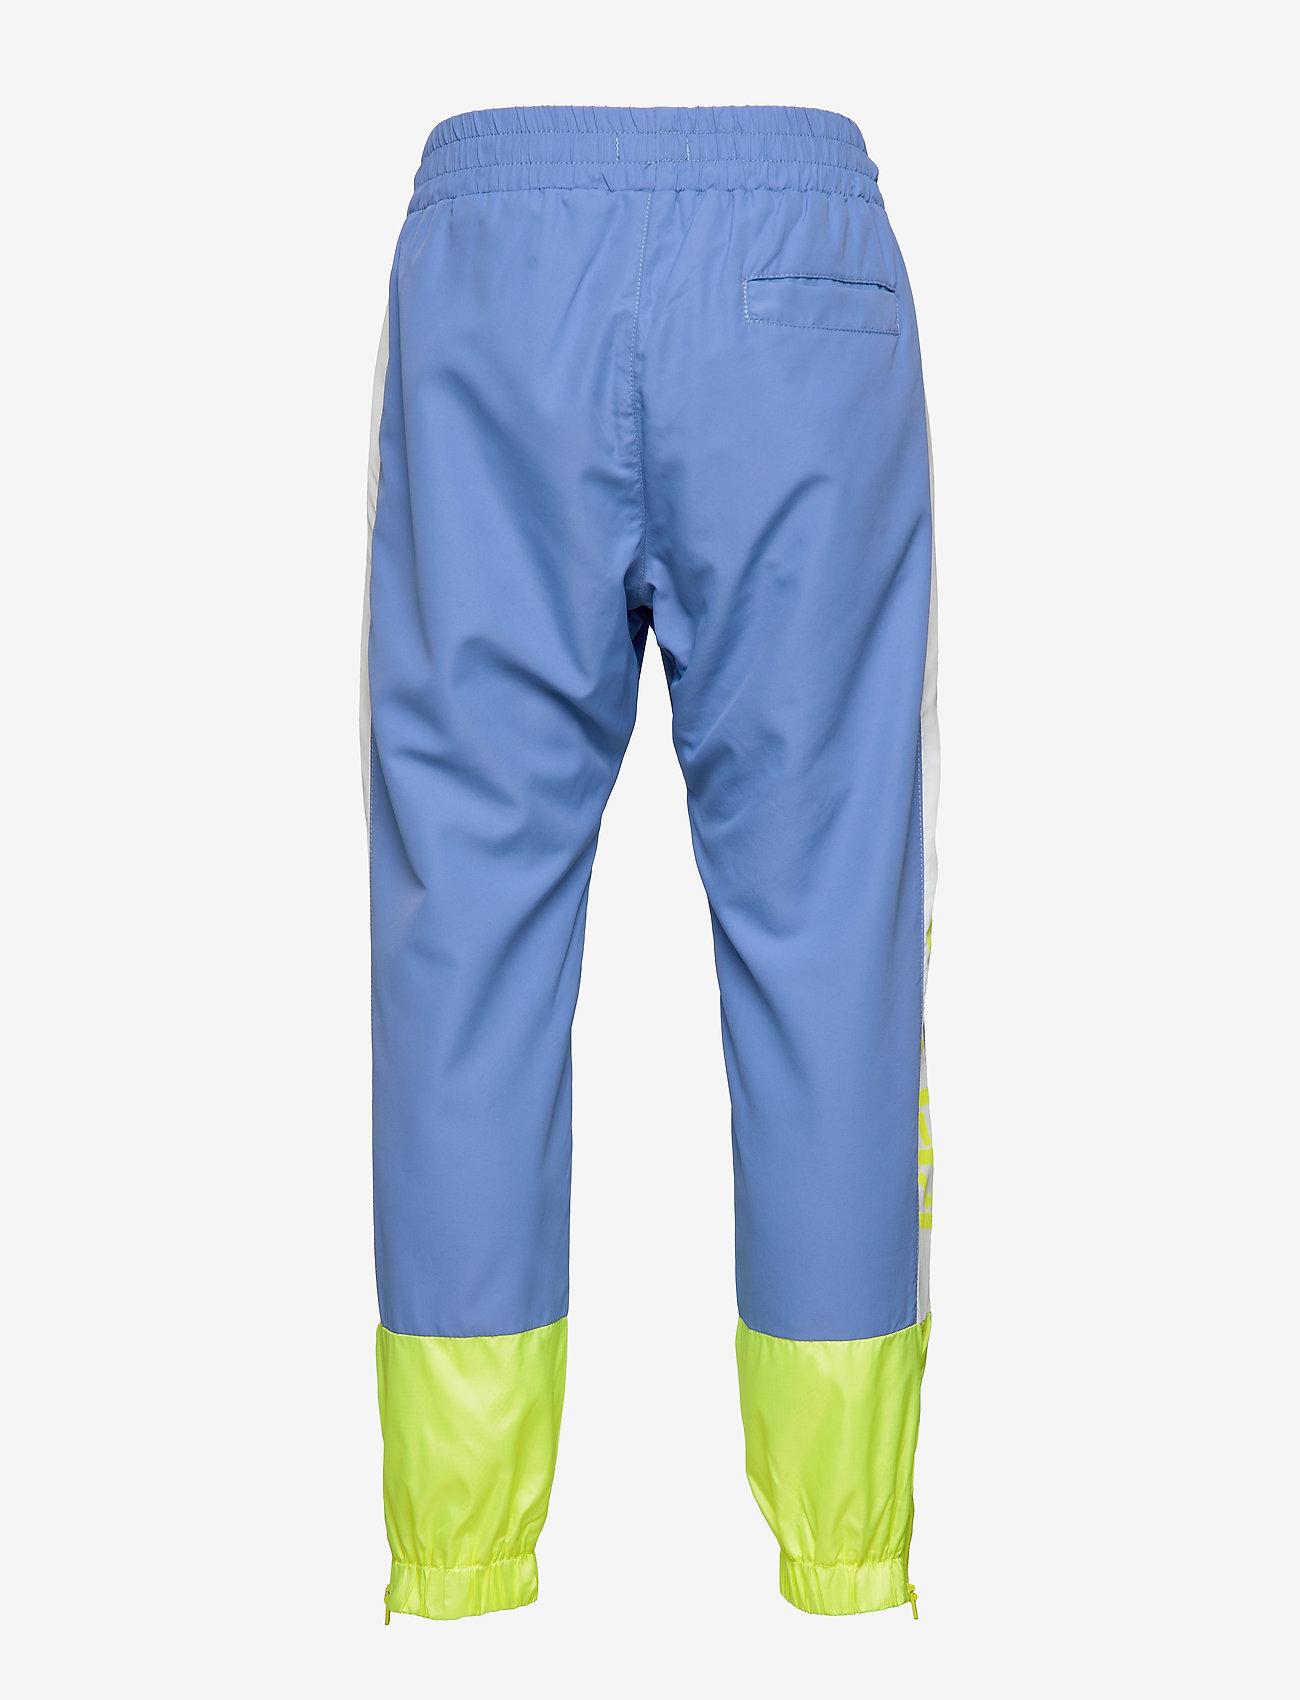 Kenzo - JASMIN - sweatpants - yellow - 1